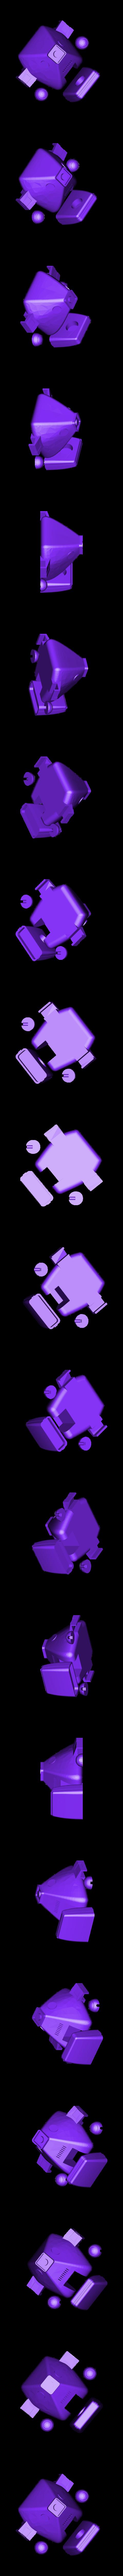 White_Parts.stl Download free STL file Retro Dingbot Replica • 3D printable model, Geoffro